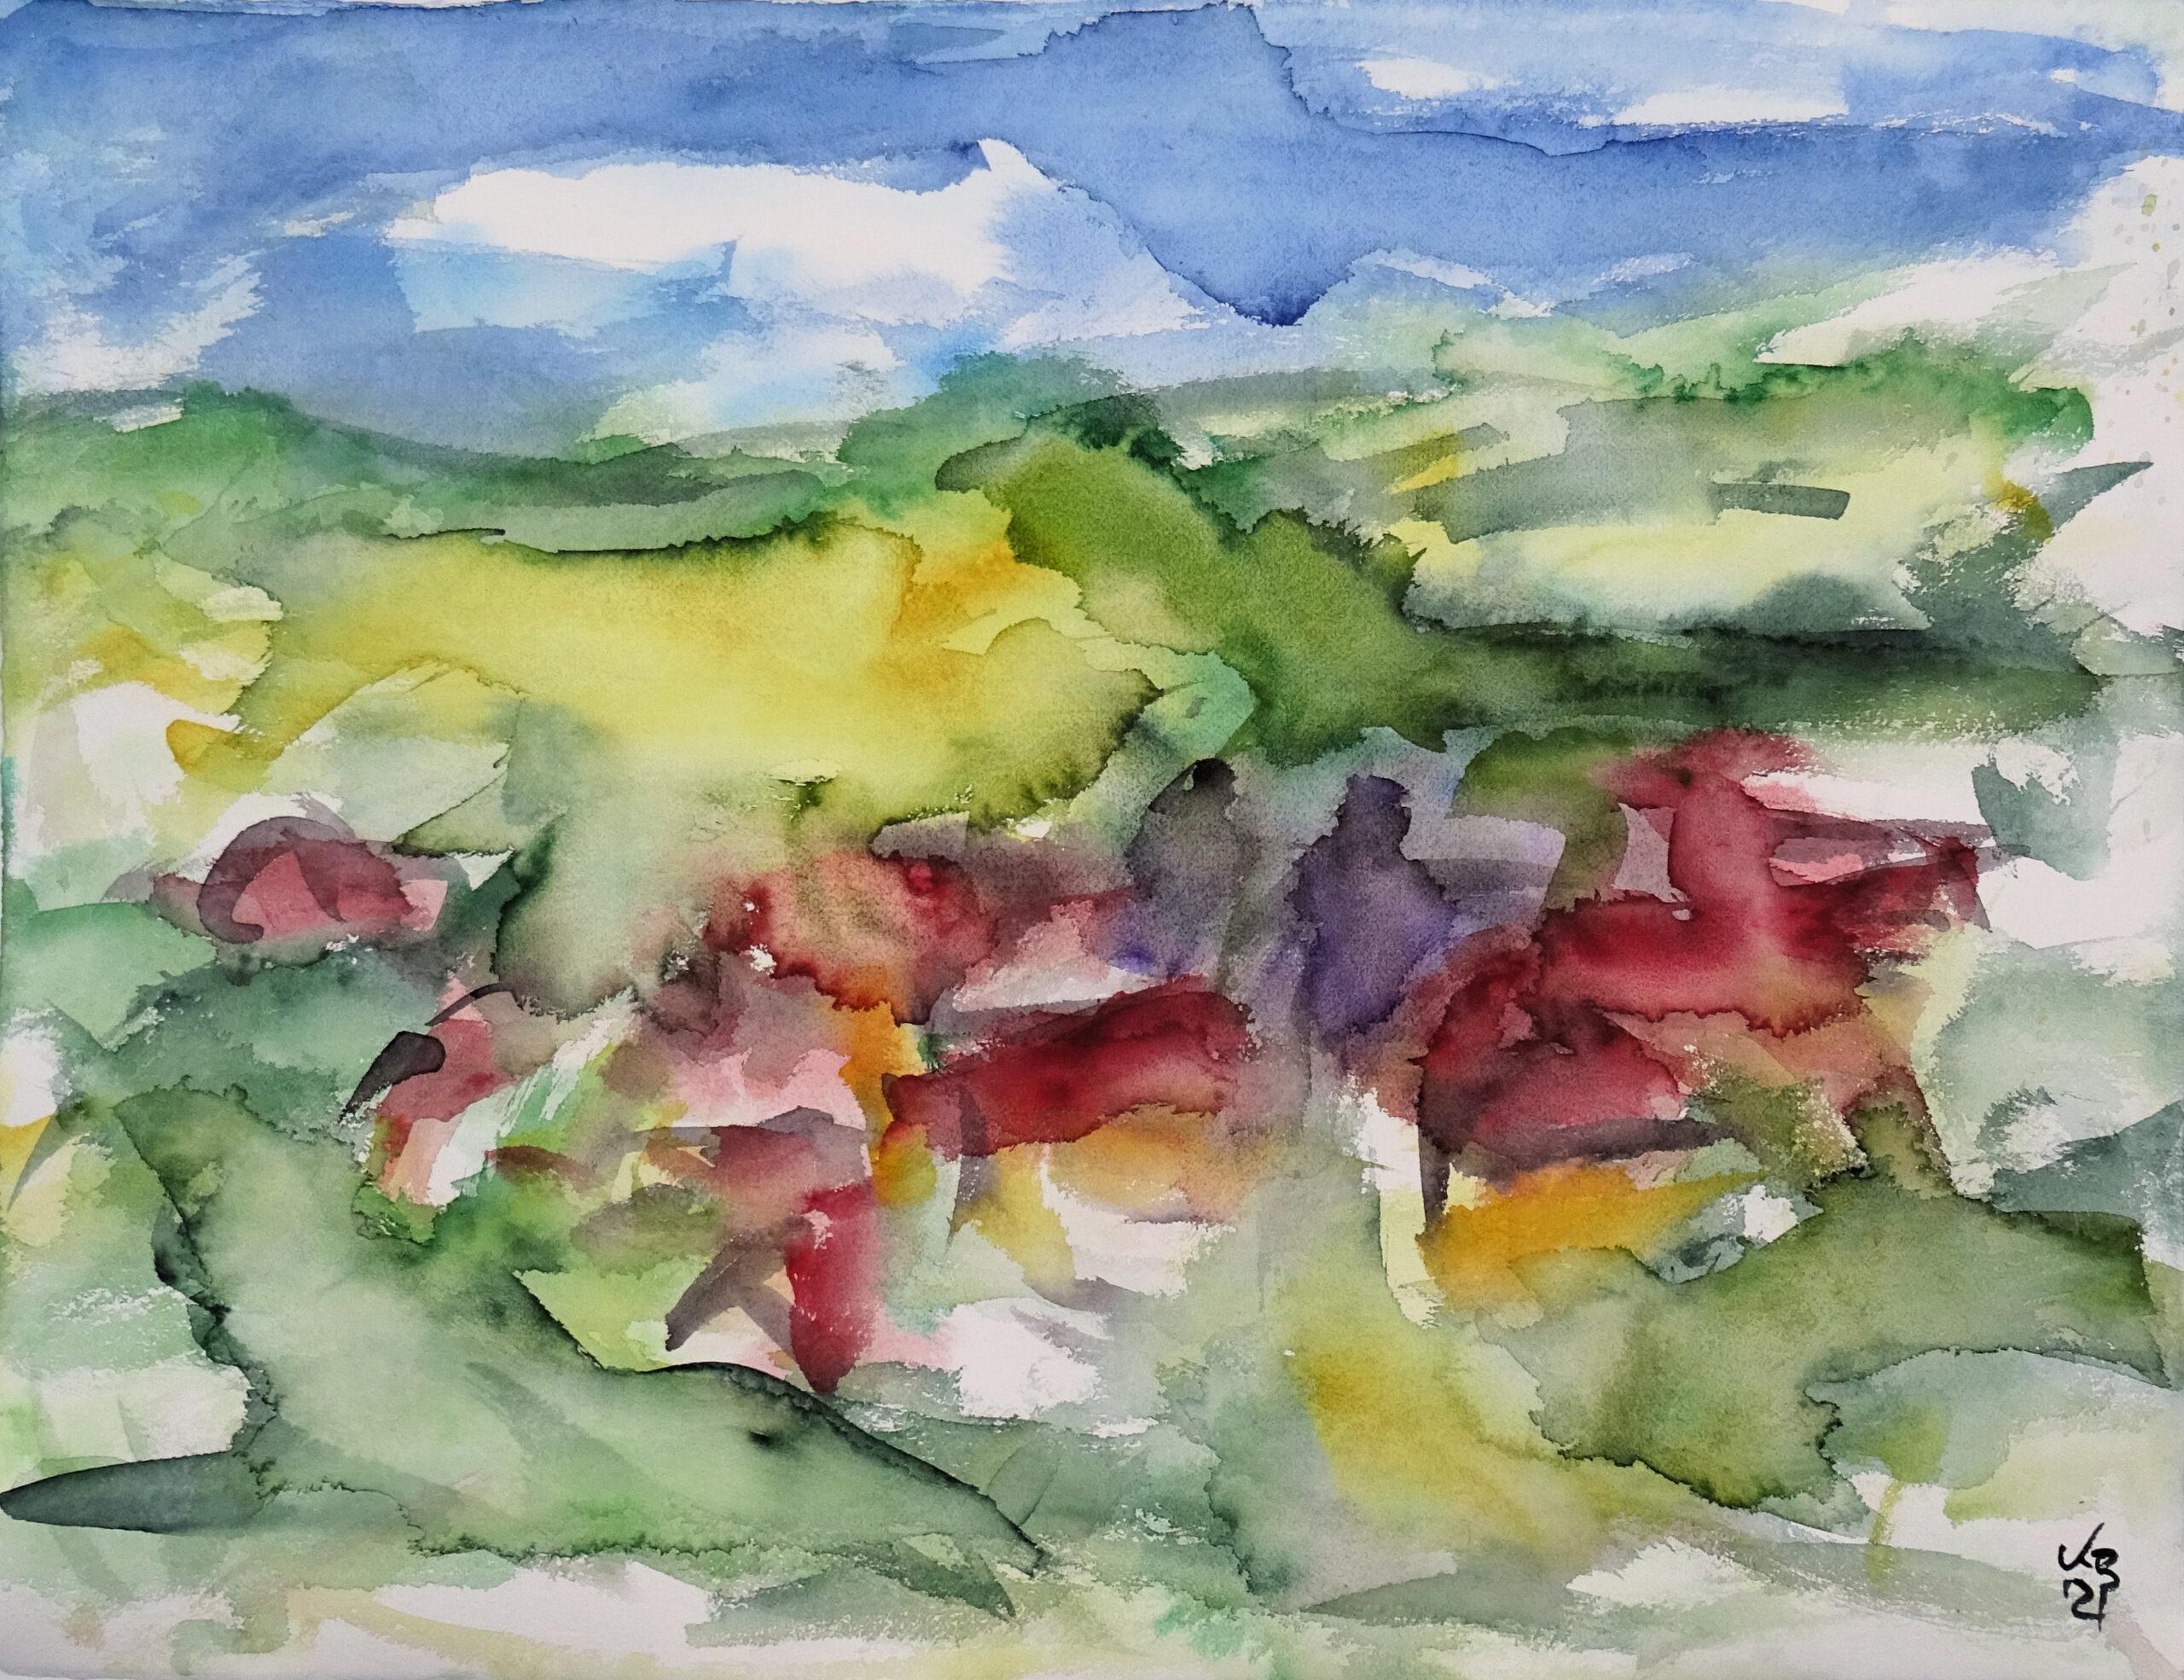 Blick auf Berge, Watercolour 65 x 50 cm, © 2021 by Klaus Bölling